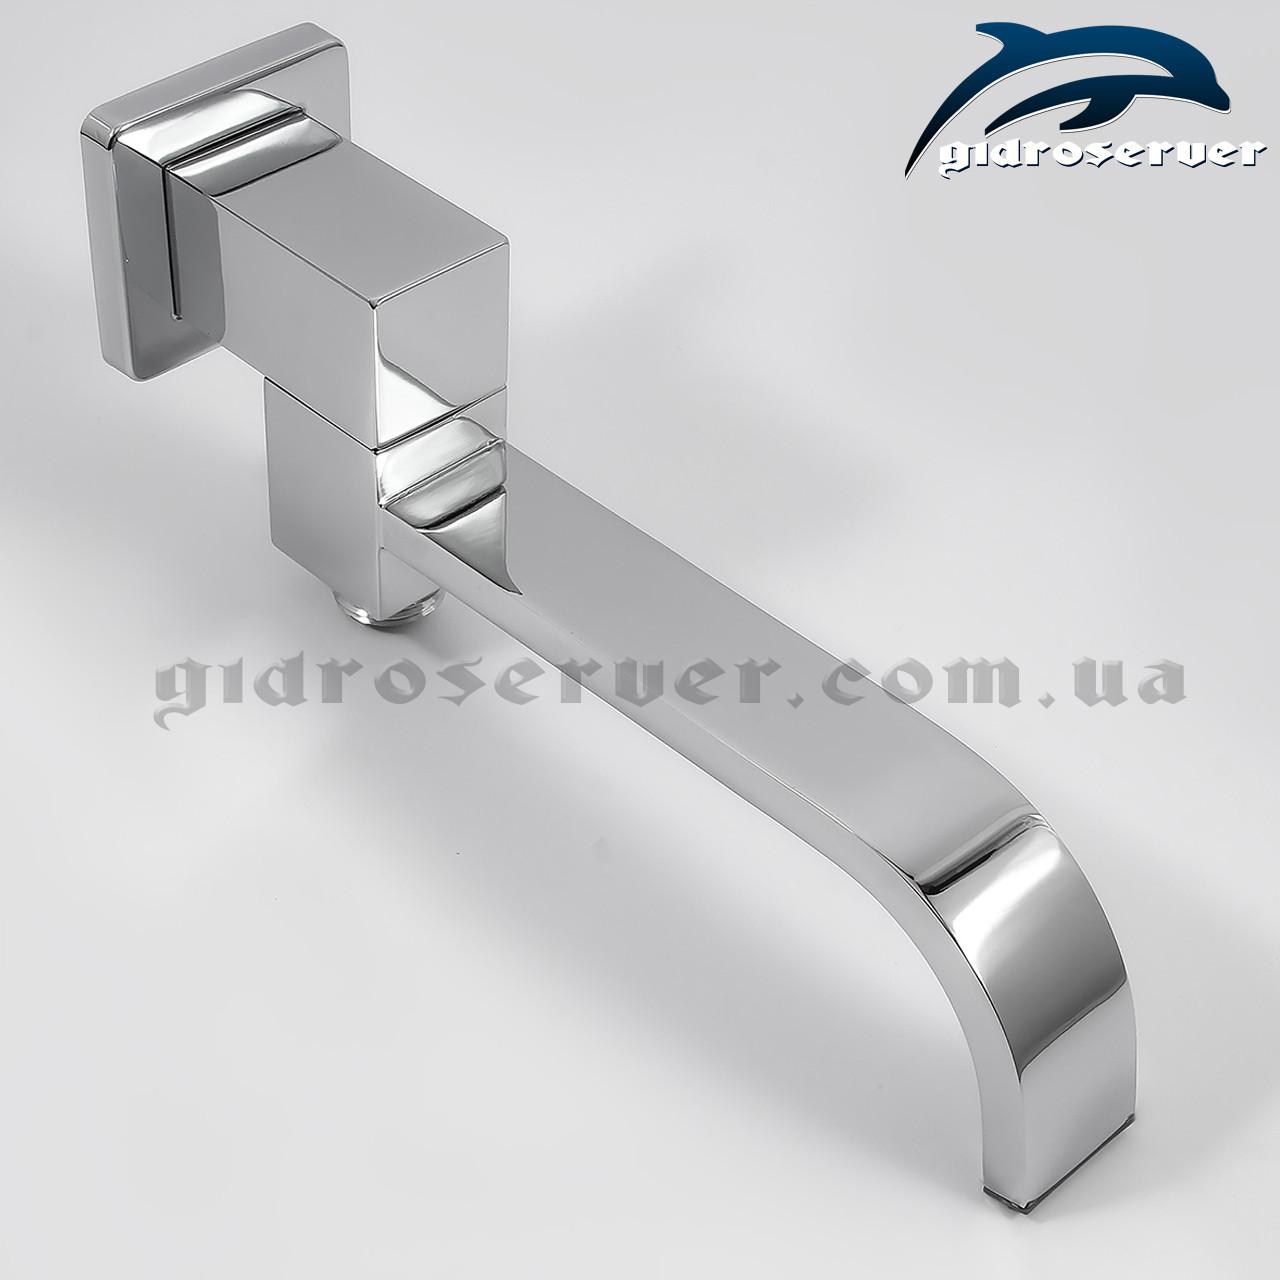 Виливши (гусак) для душової системи прихованого монтажу IL-03.